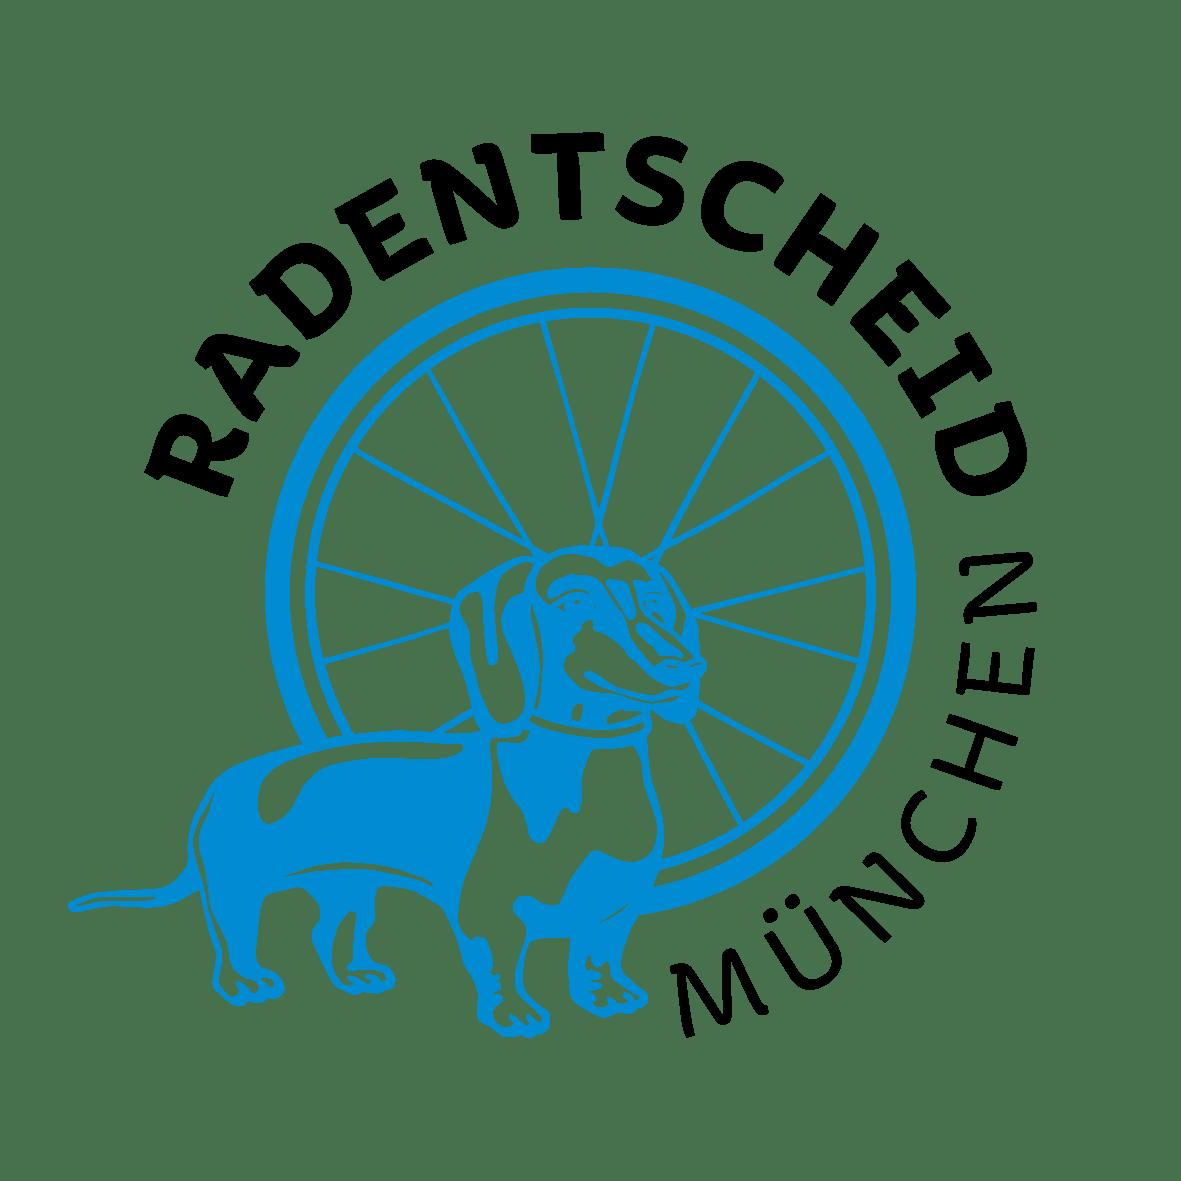 LOGO Radentscheid München